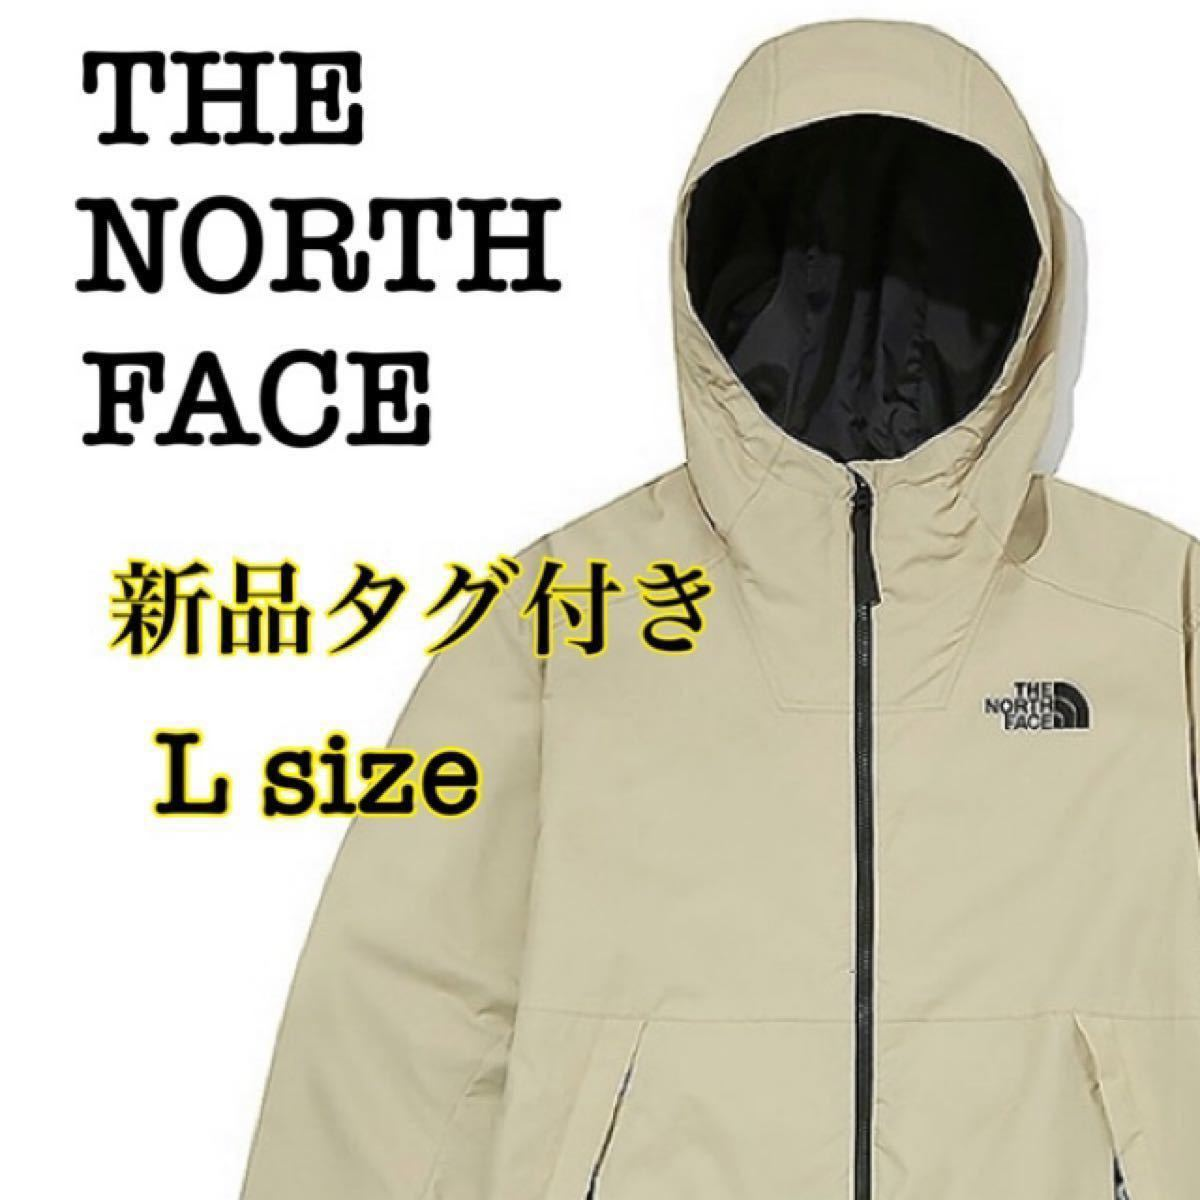 THE NORTH FACE  ザ ノースフェイス マウンテンパーカー ベージュ 人気色 春アウター MANTON  Lサイズ